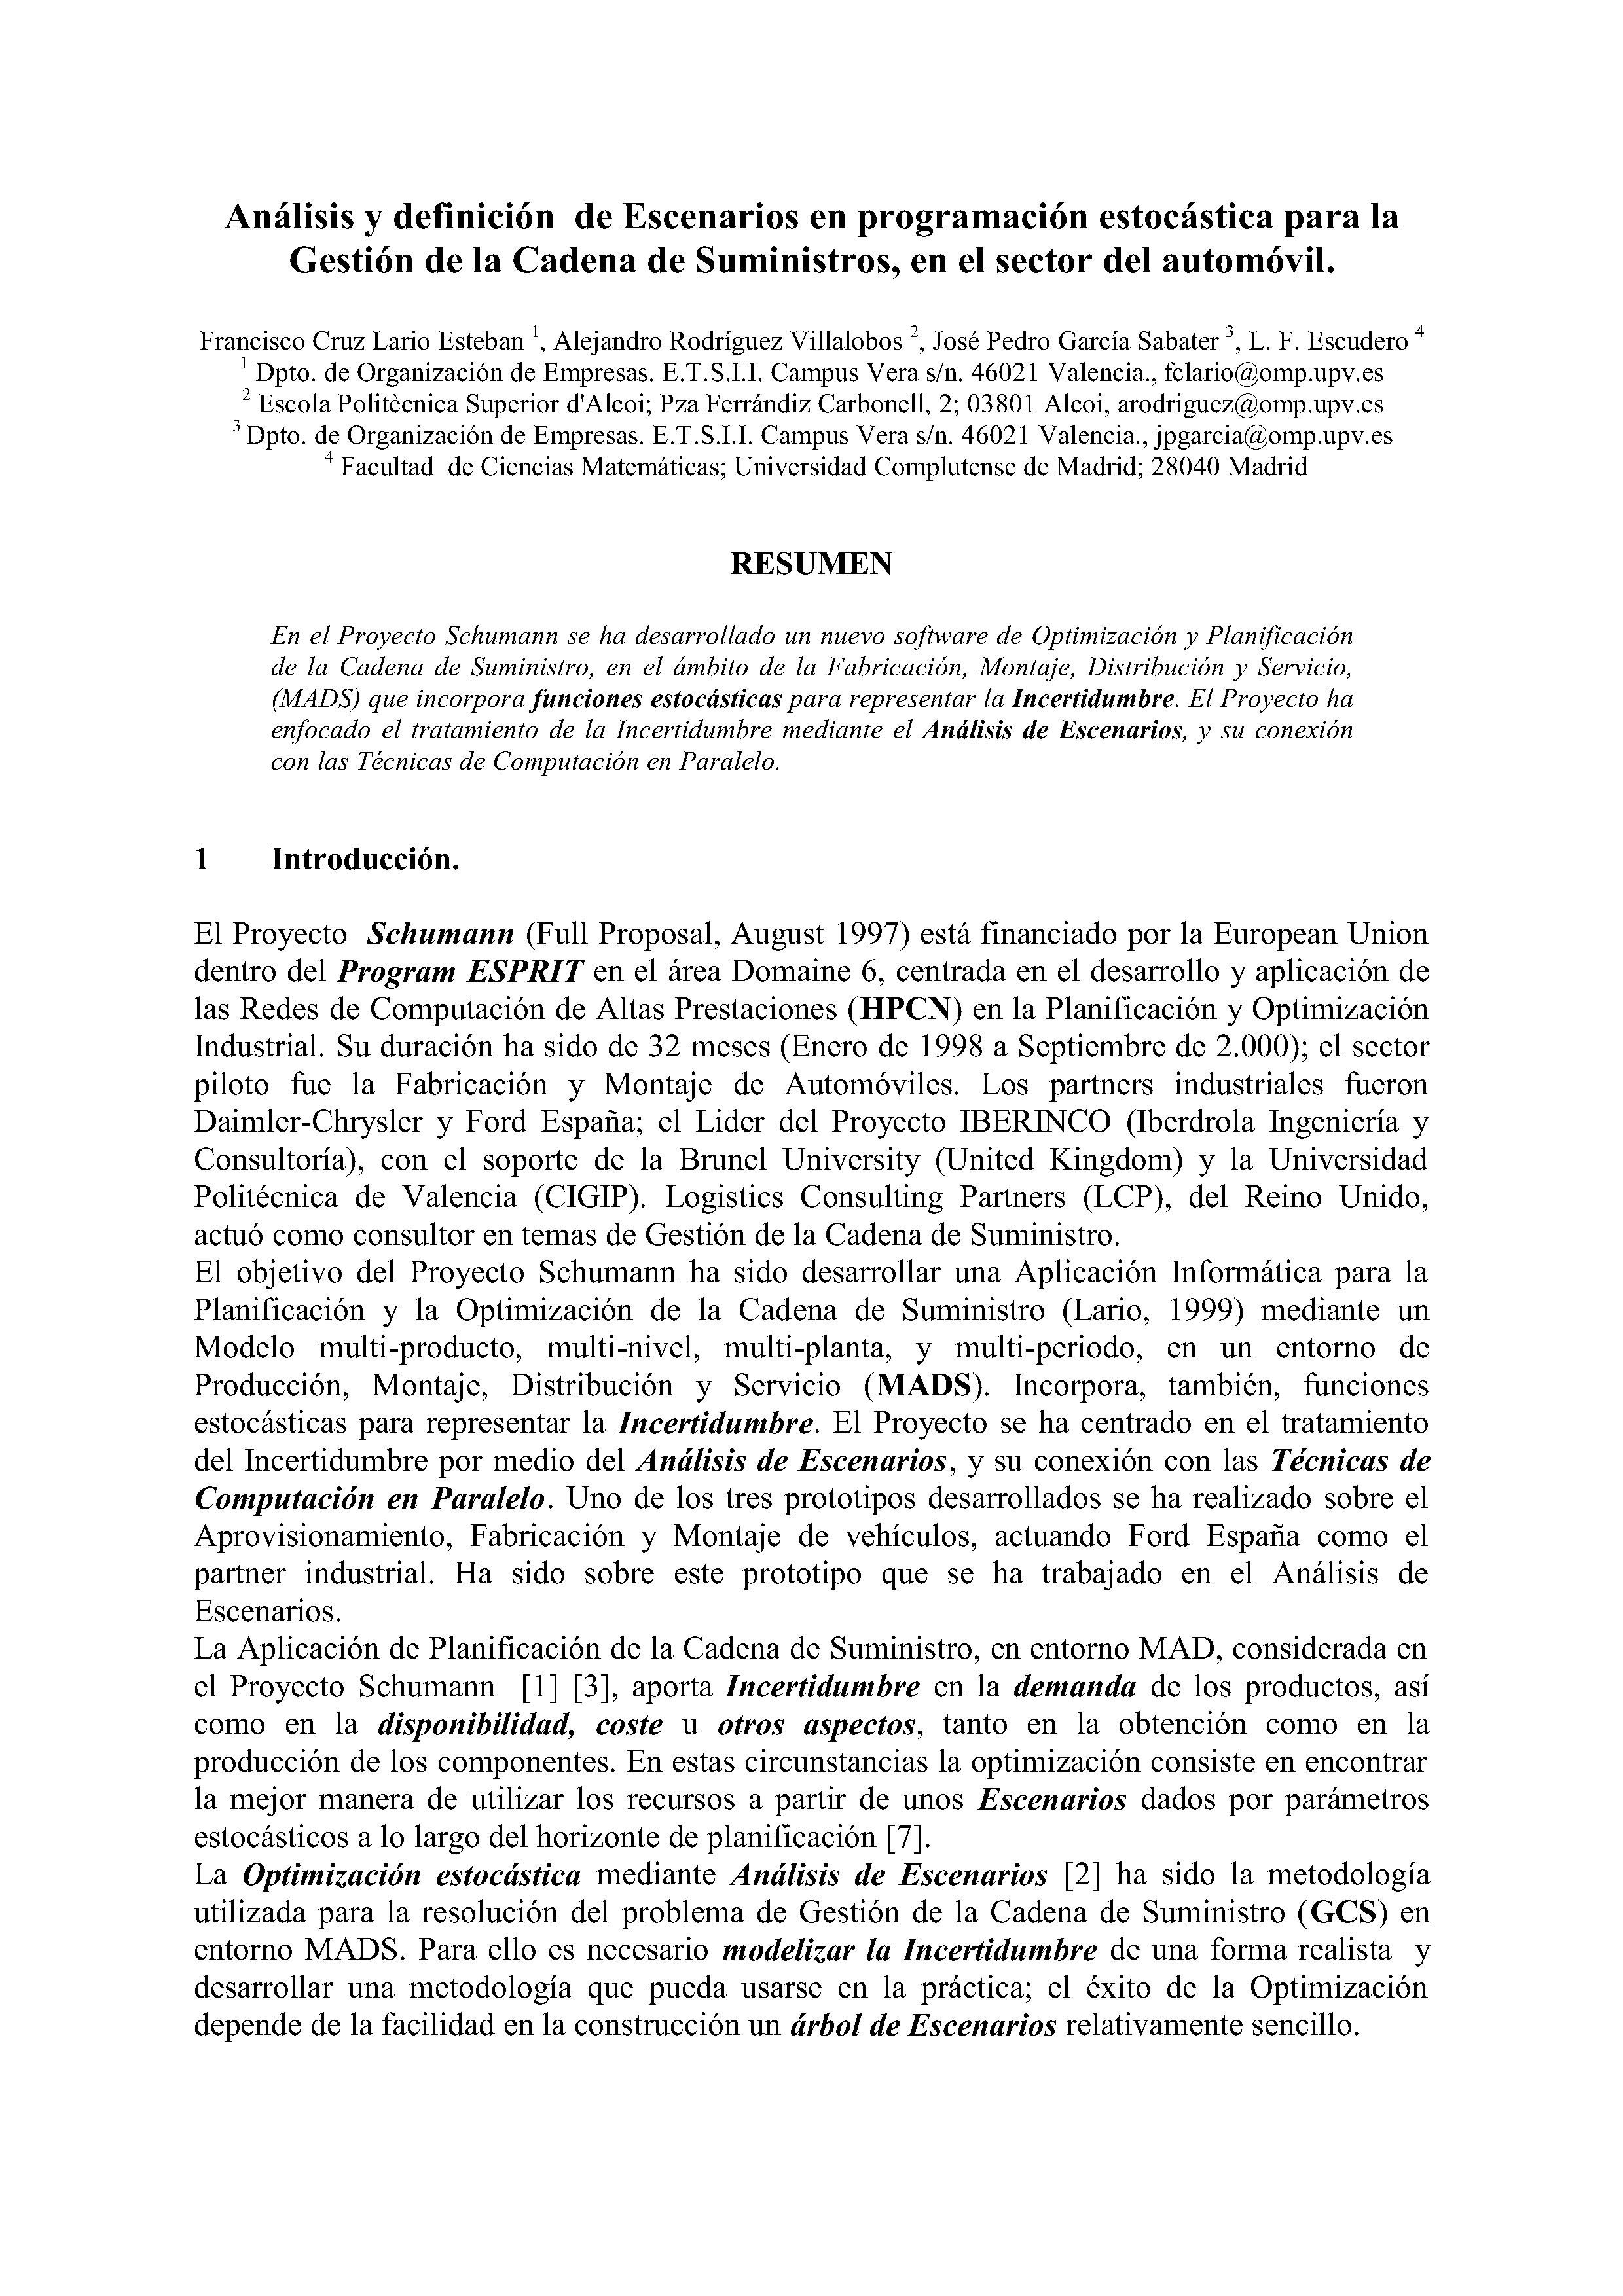 Análisis y definición de Escenarios en programación estocástica para la Gestión de la Cadena de Suministros, en el sector del automóvil.